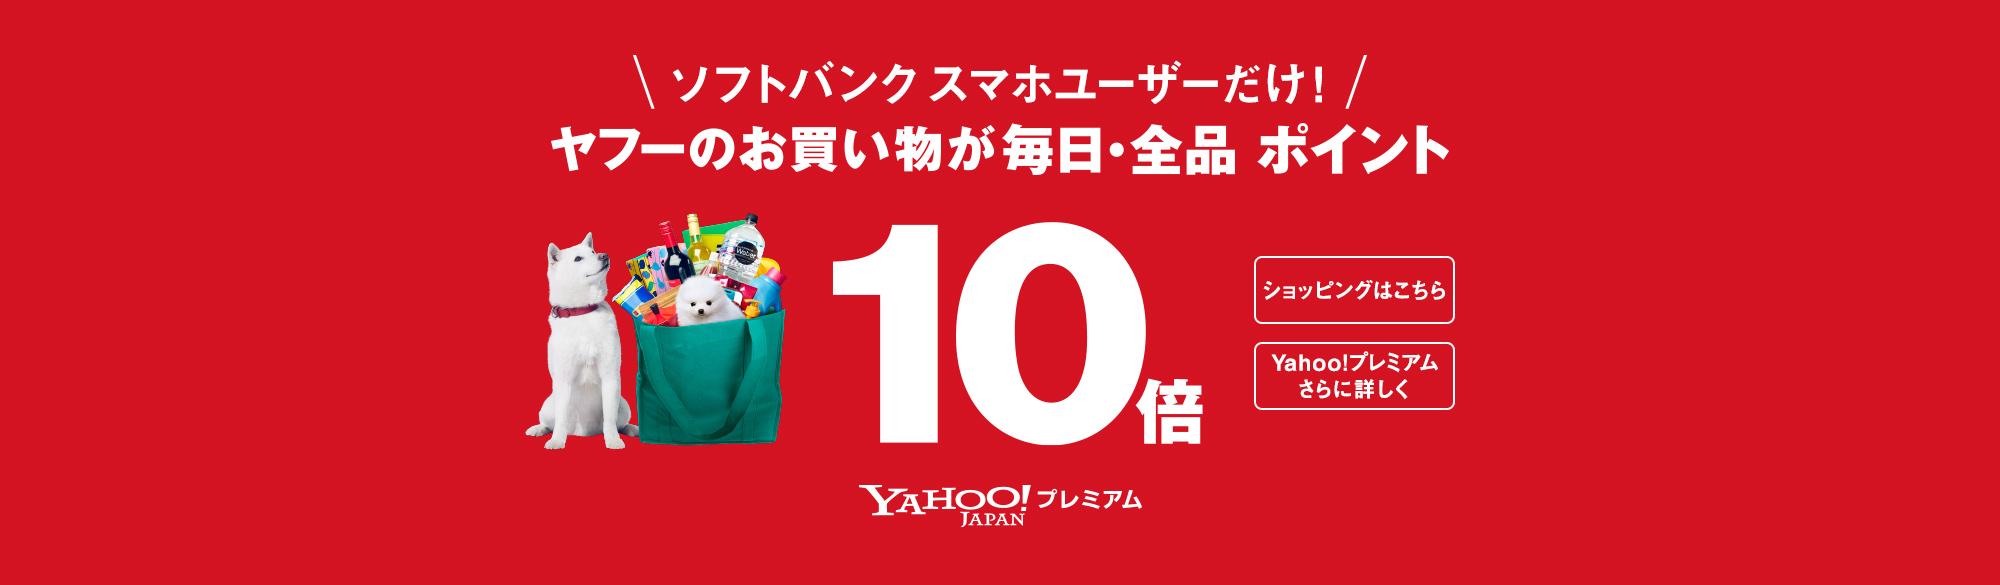 ヤフーのお買い物が毎日・全品 ポイント10倍 ソフトバンクスマホユーザーだけ!